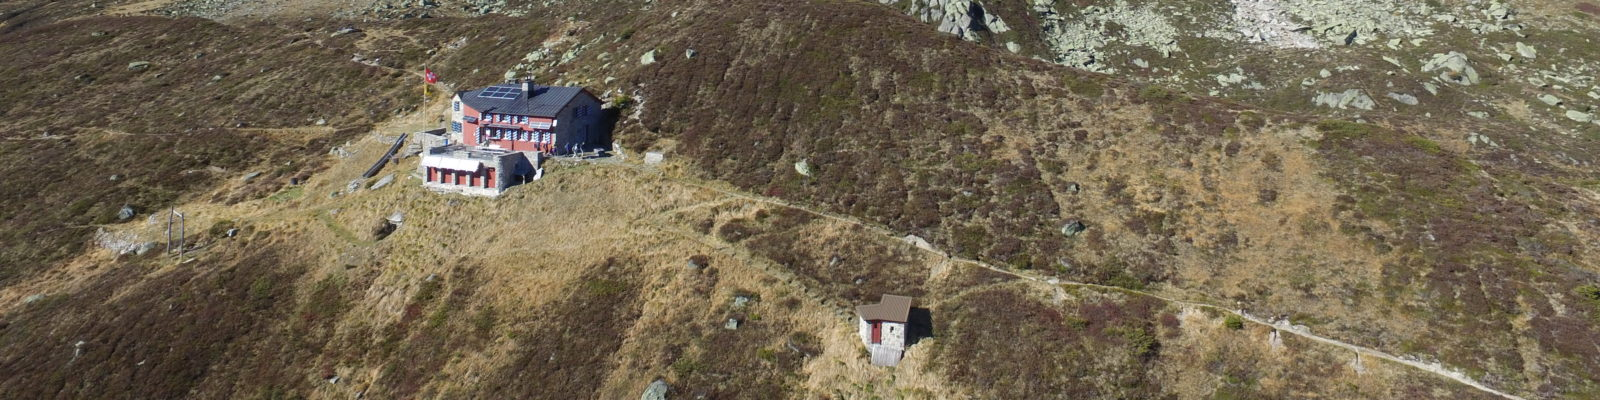 Salbit - Hütte